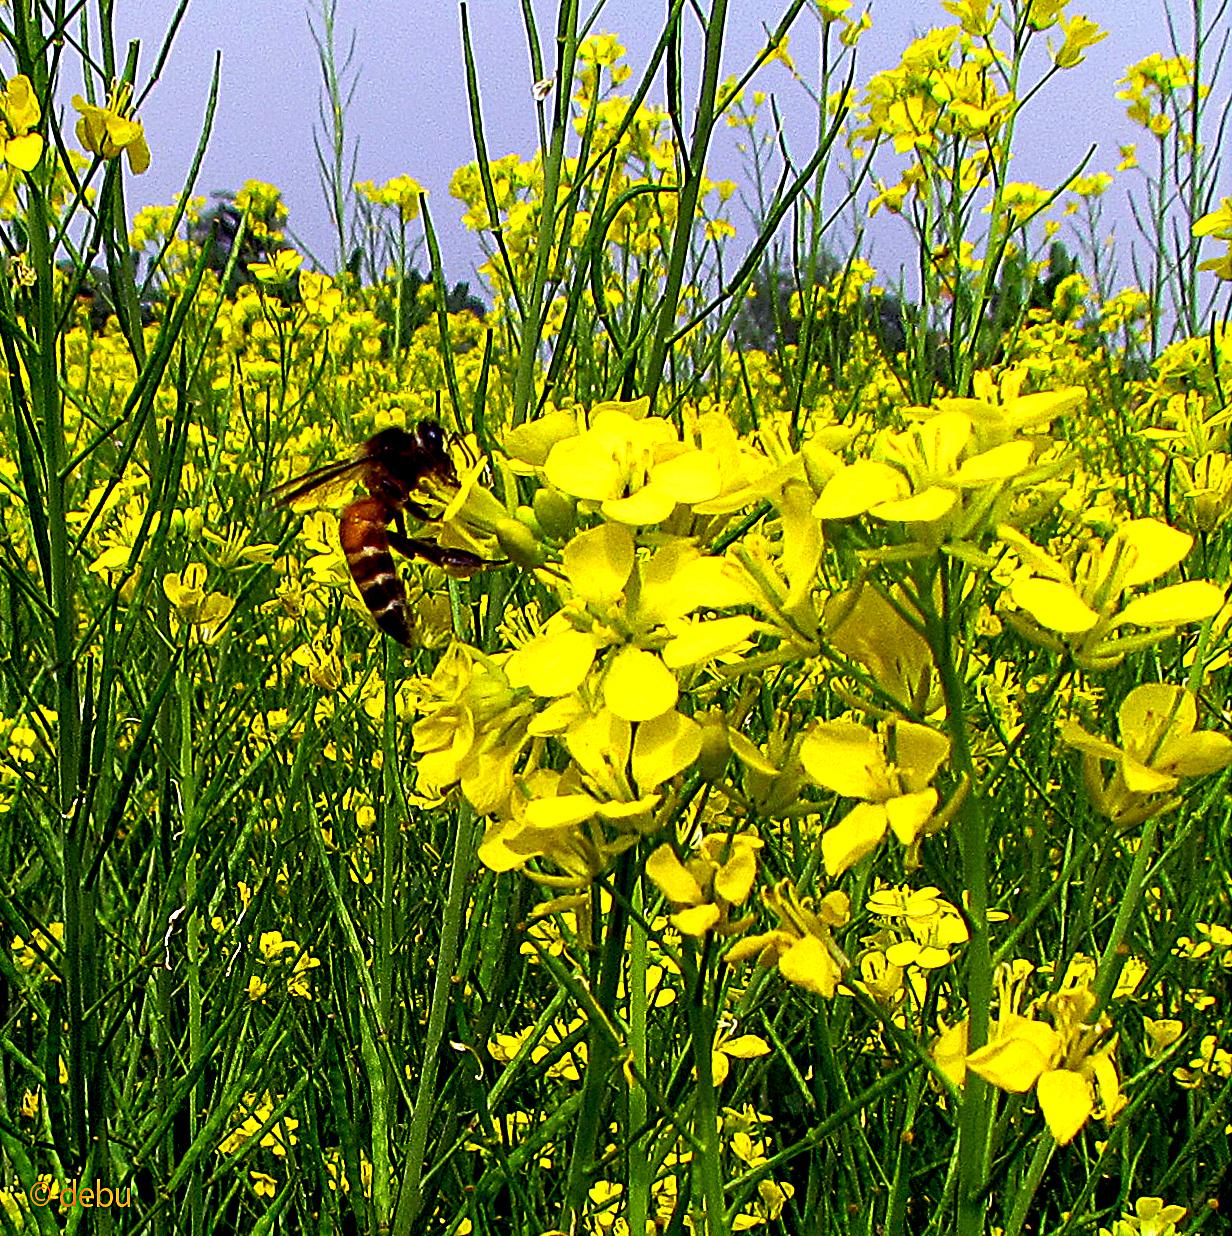 Wasp in mustard field